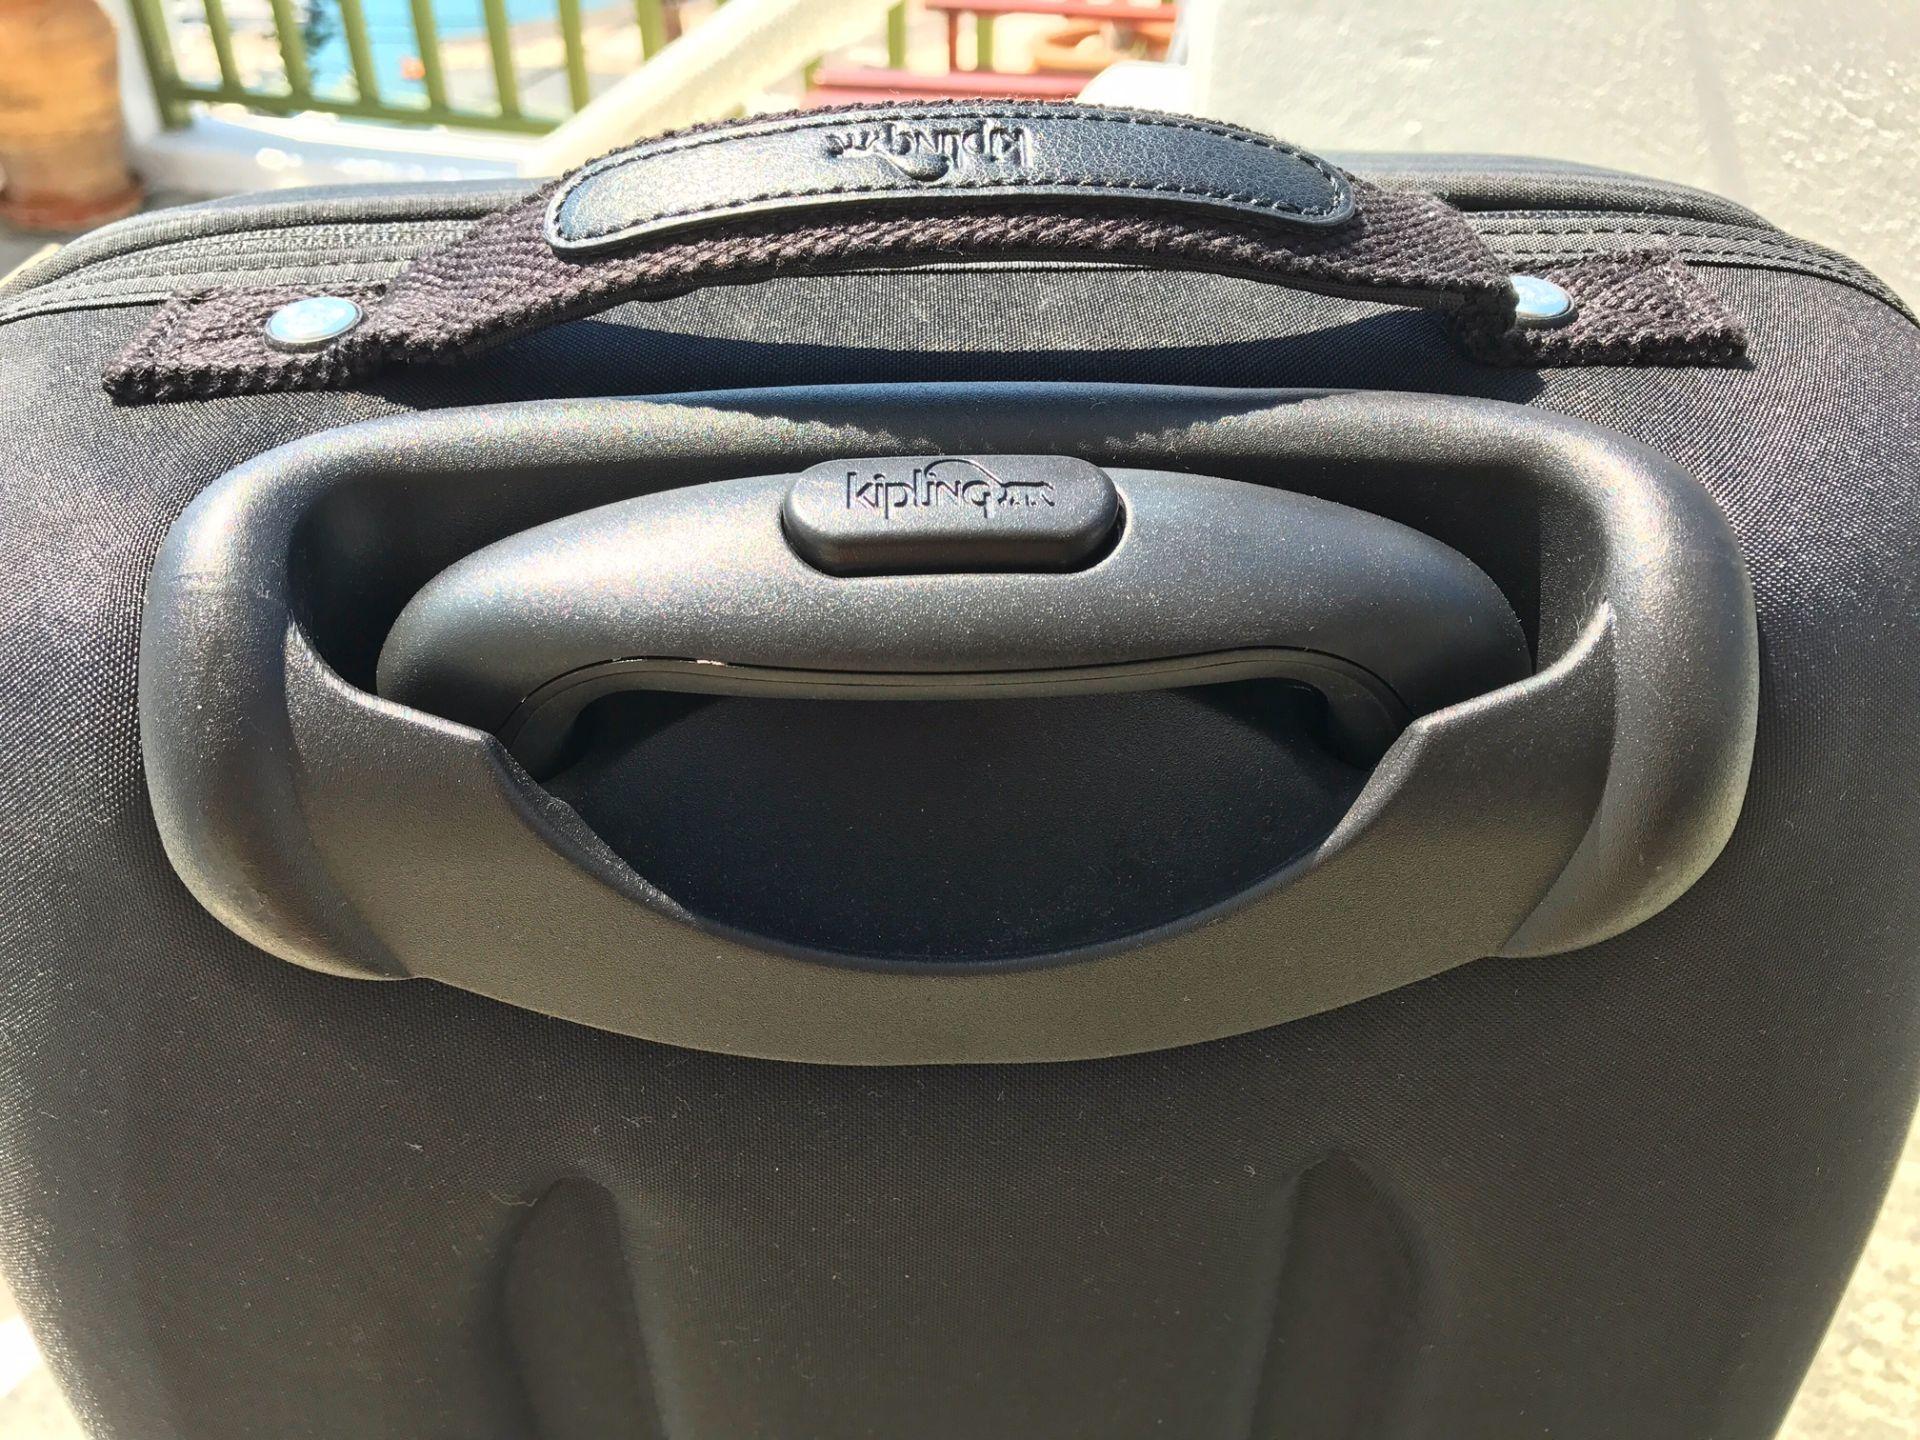 kipling-travel-blog-suitcase